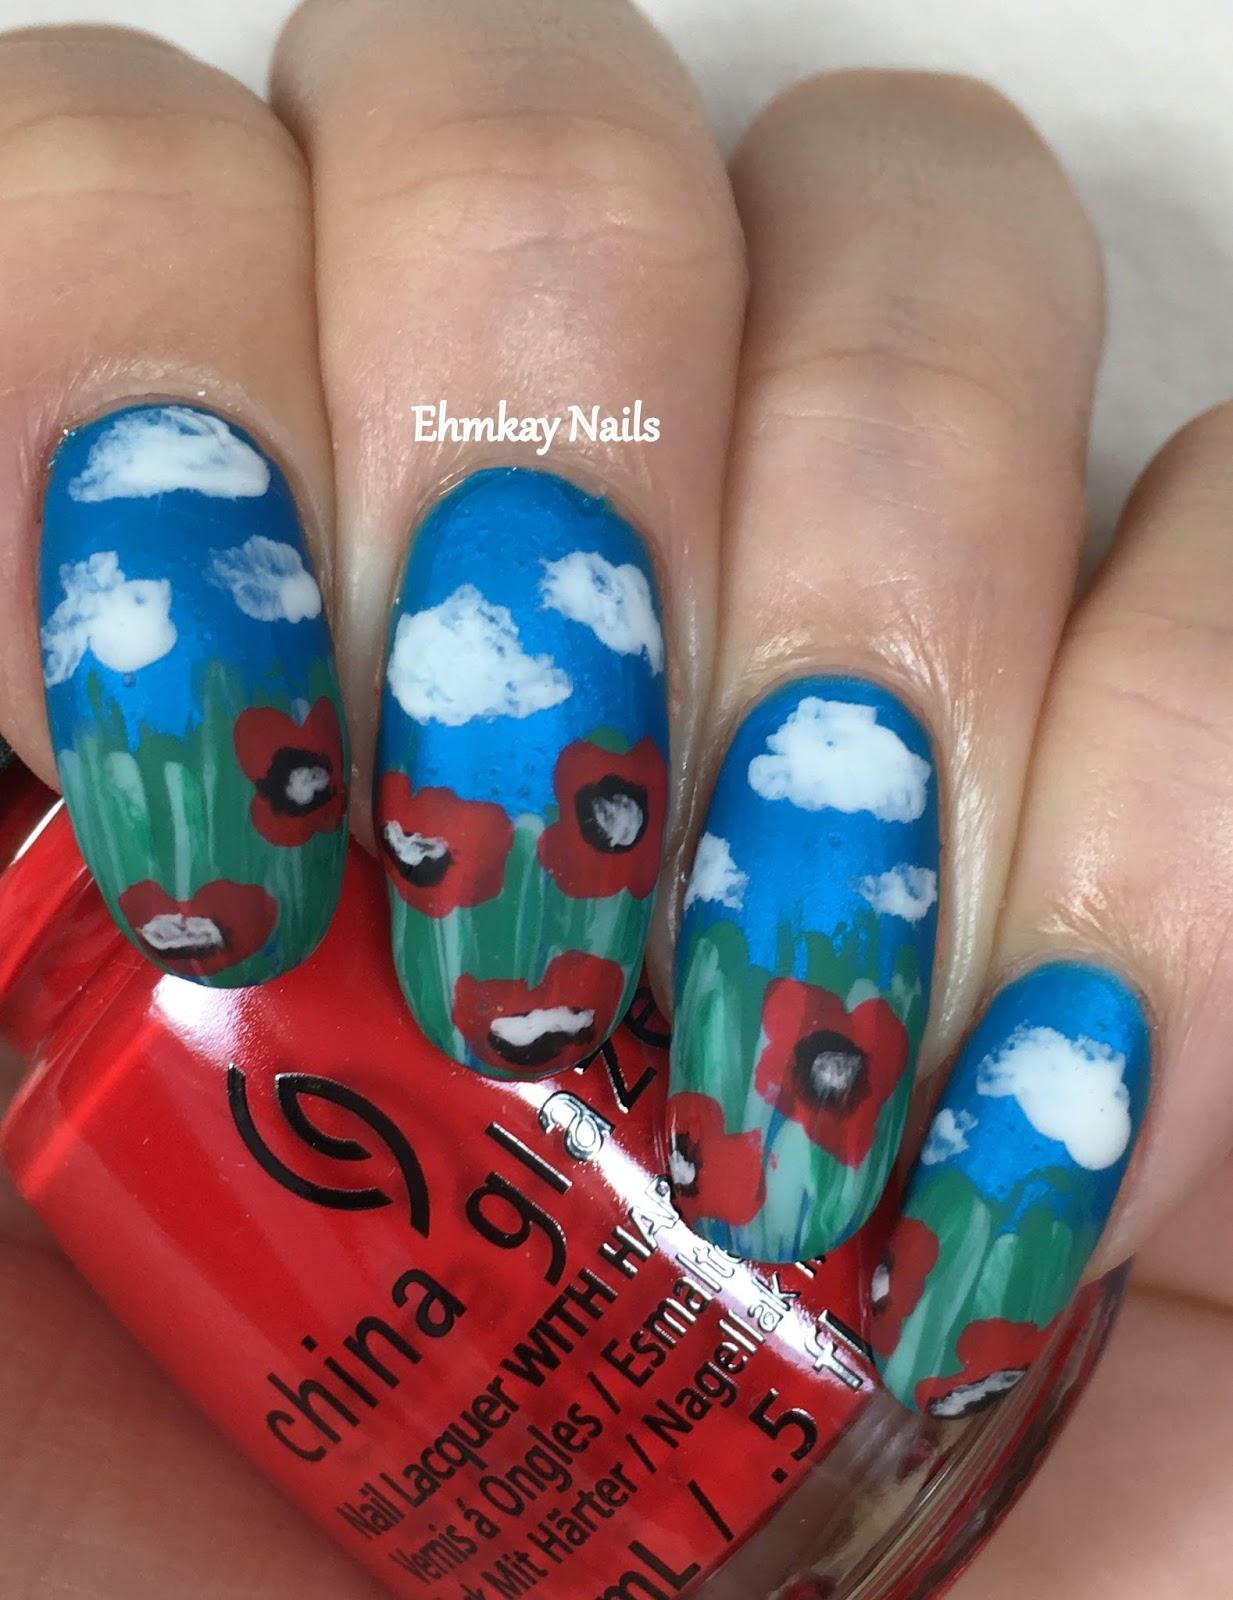 Ehmkay nails memorial day veteran poppies nail art memorial day veteran poppies nail art prinsesfo Choice Image